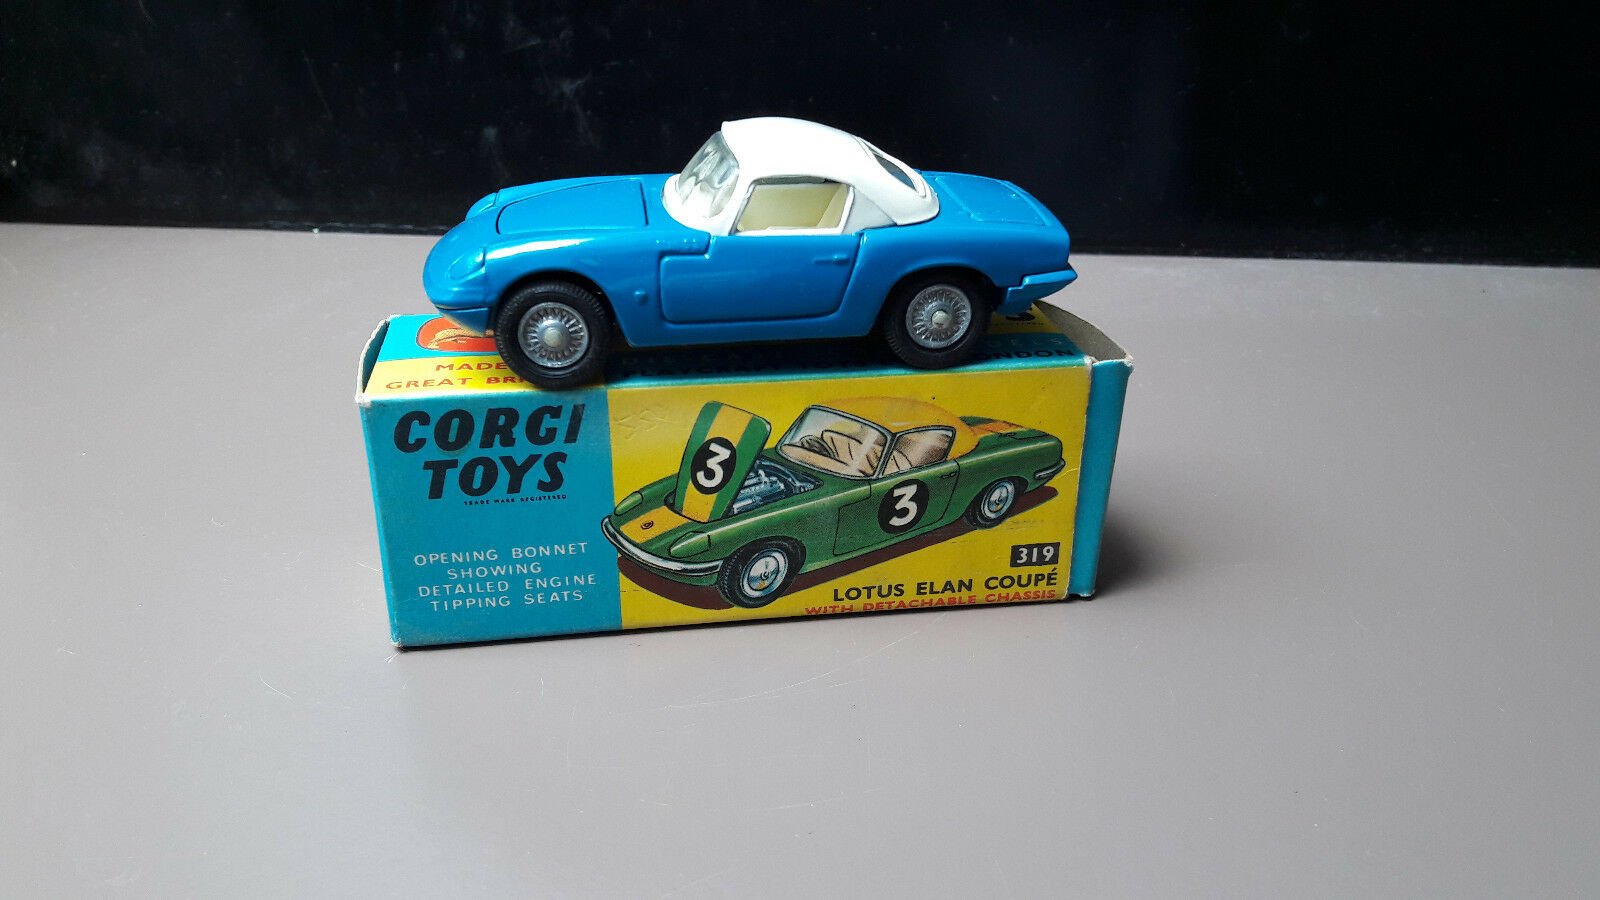 Corgi spielzeug 319 lotus elan coupé original mit ovp nm